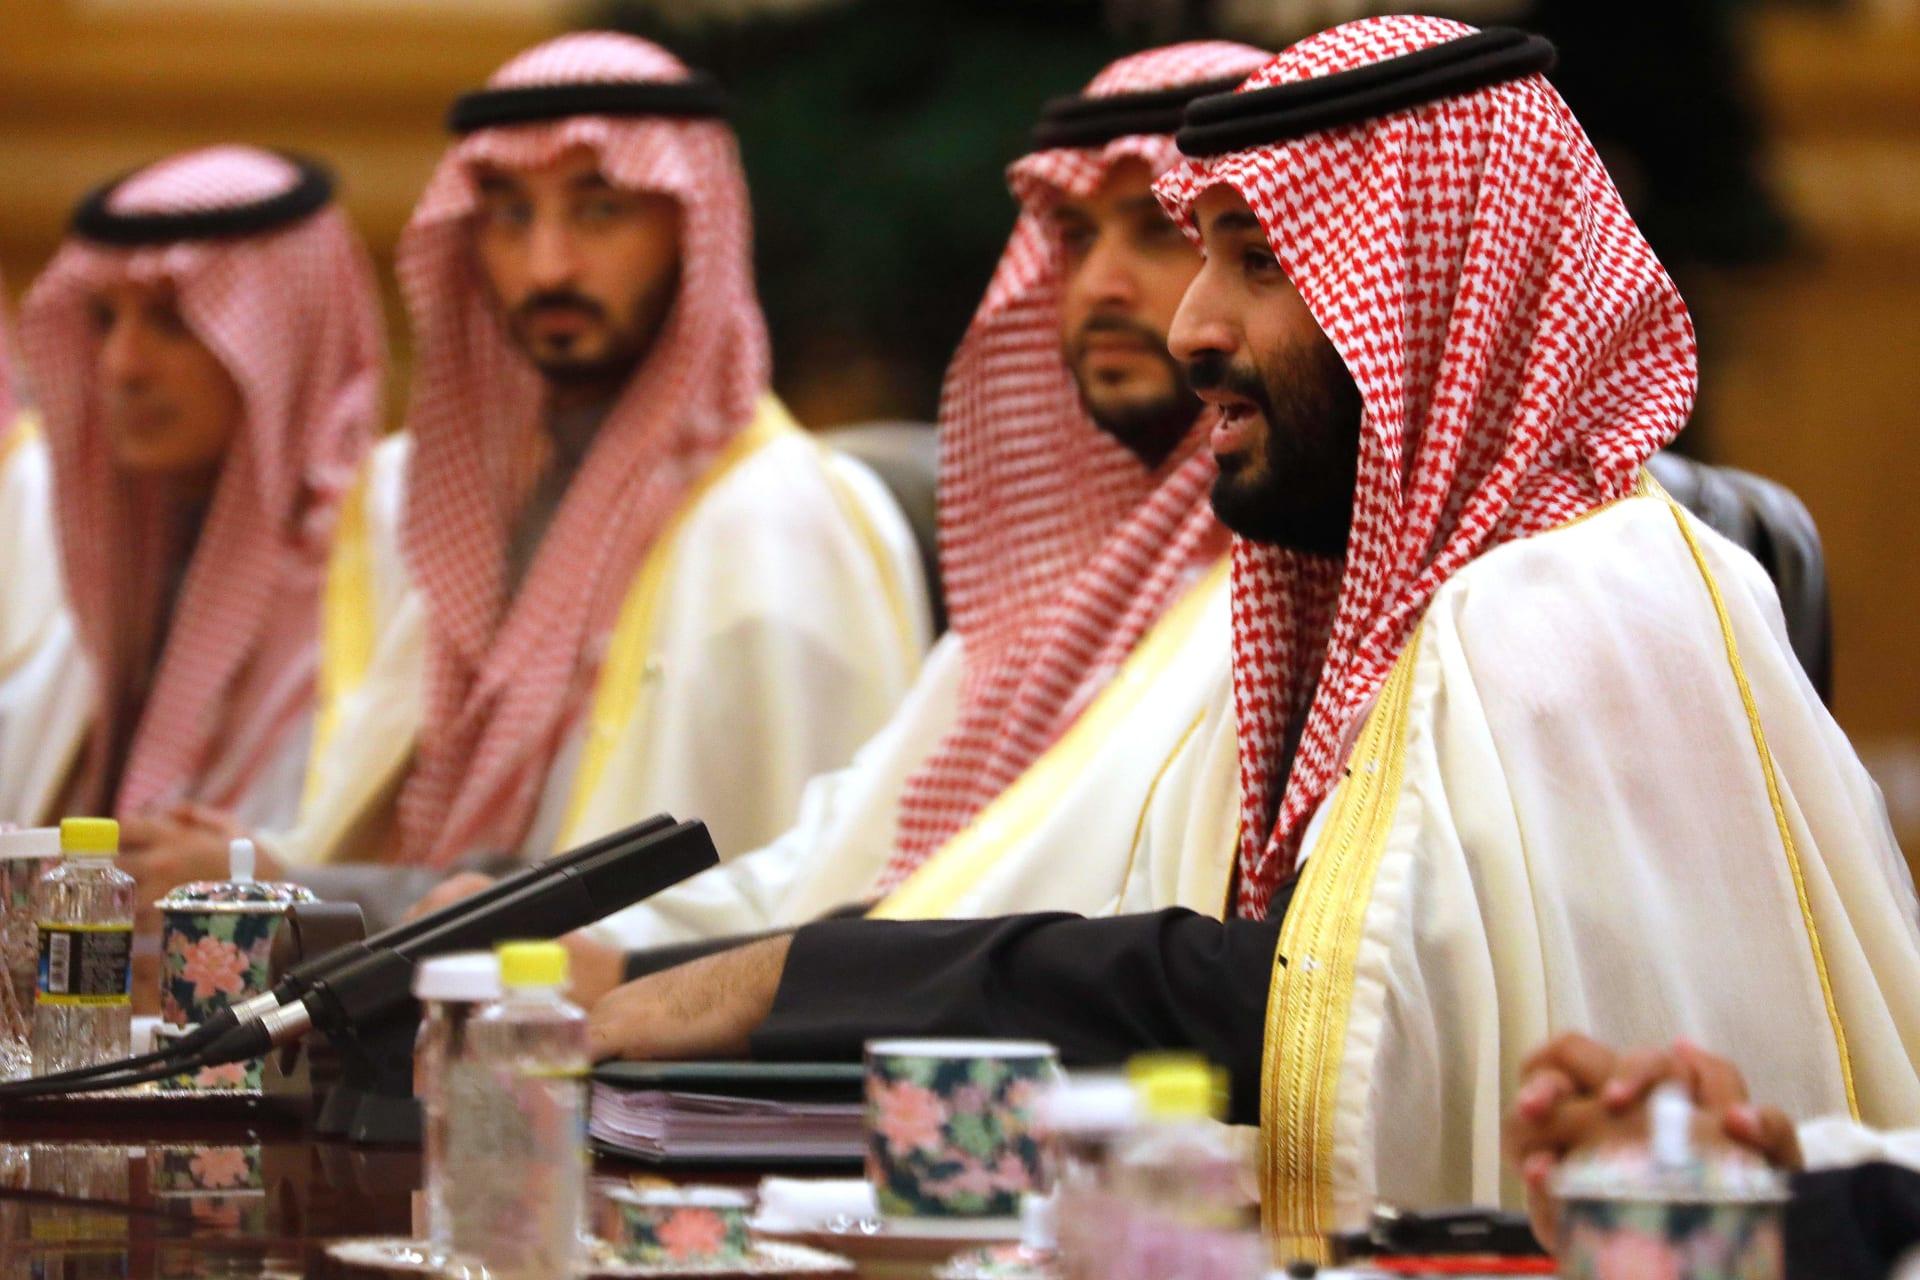 بعد أن تكفل ولي العهد بعلاجه.. نقل الطفل اليمني المصاب بورم خبيث إلى الرياض